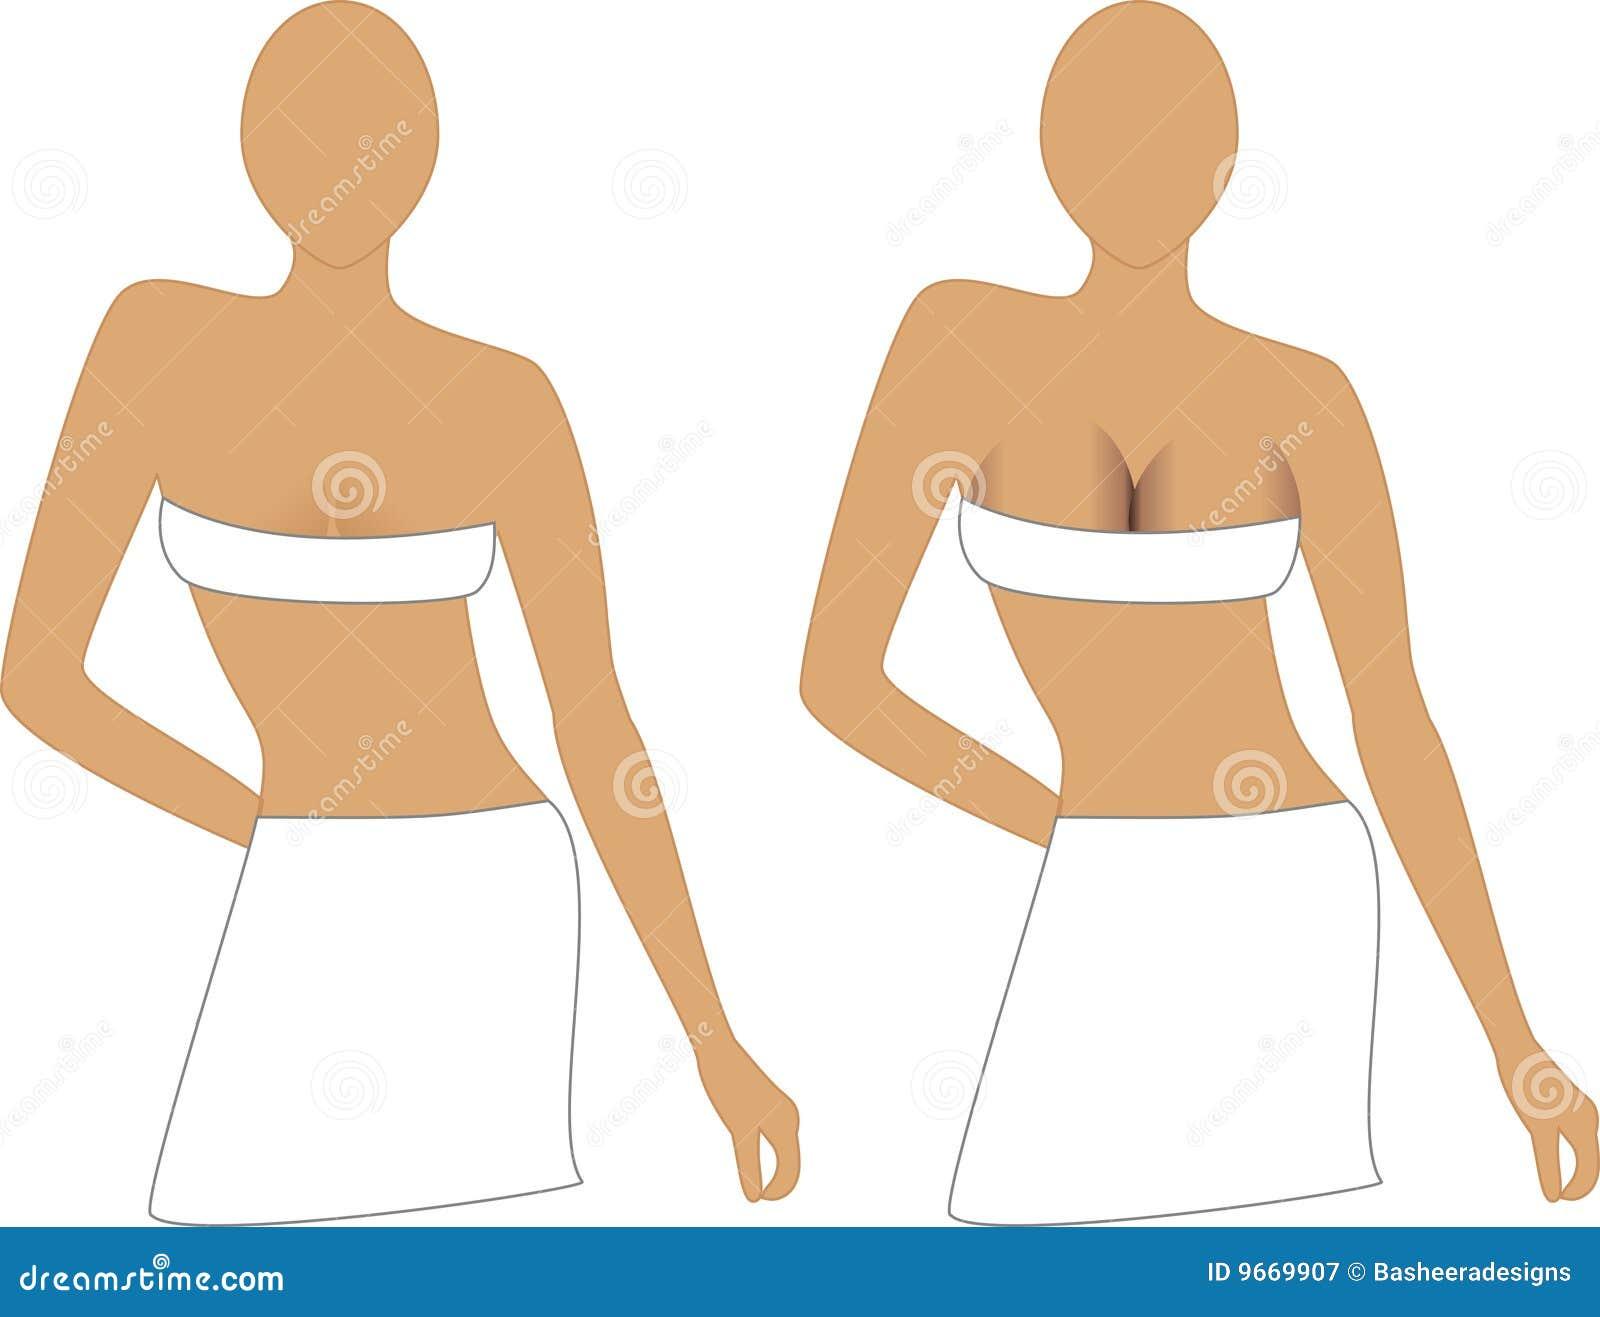 Sutiã o tamanho de peito crescente